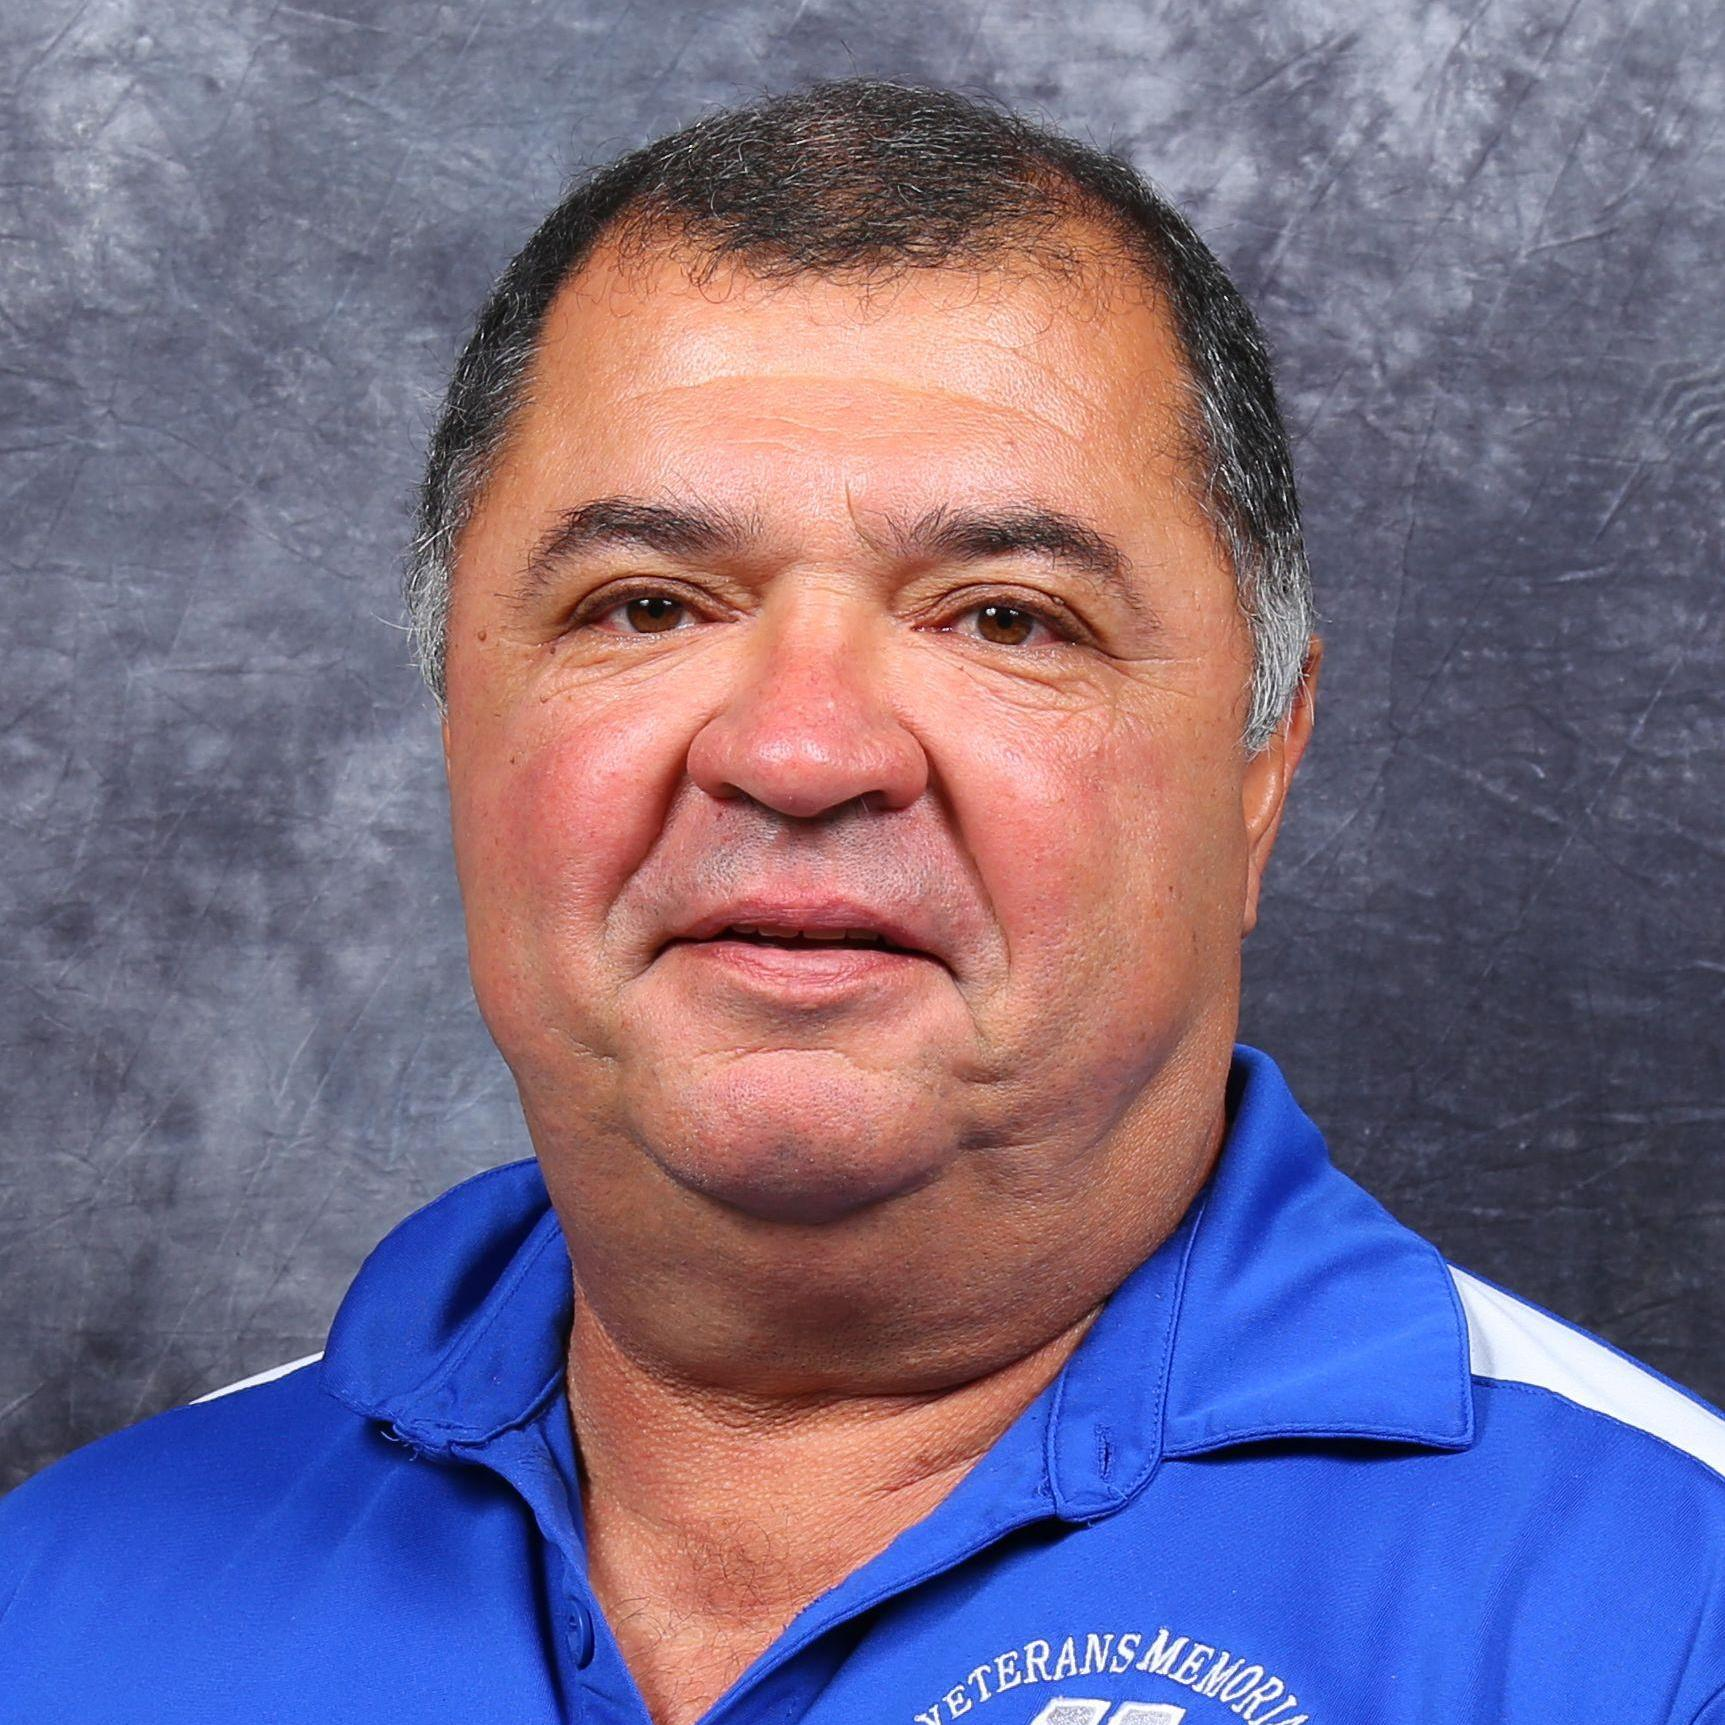 Bensavio Yzaguirre's Profile Photo